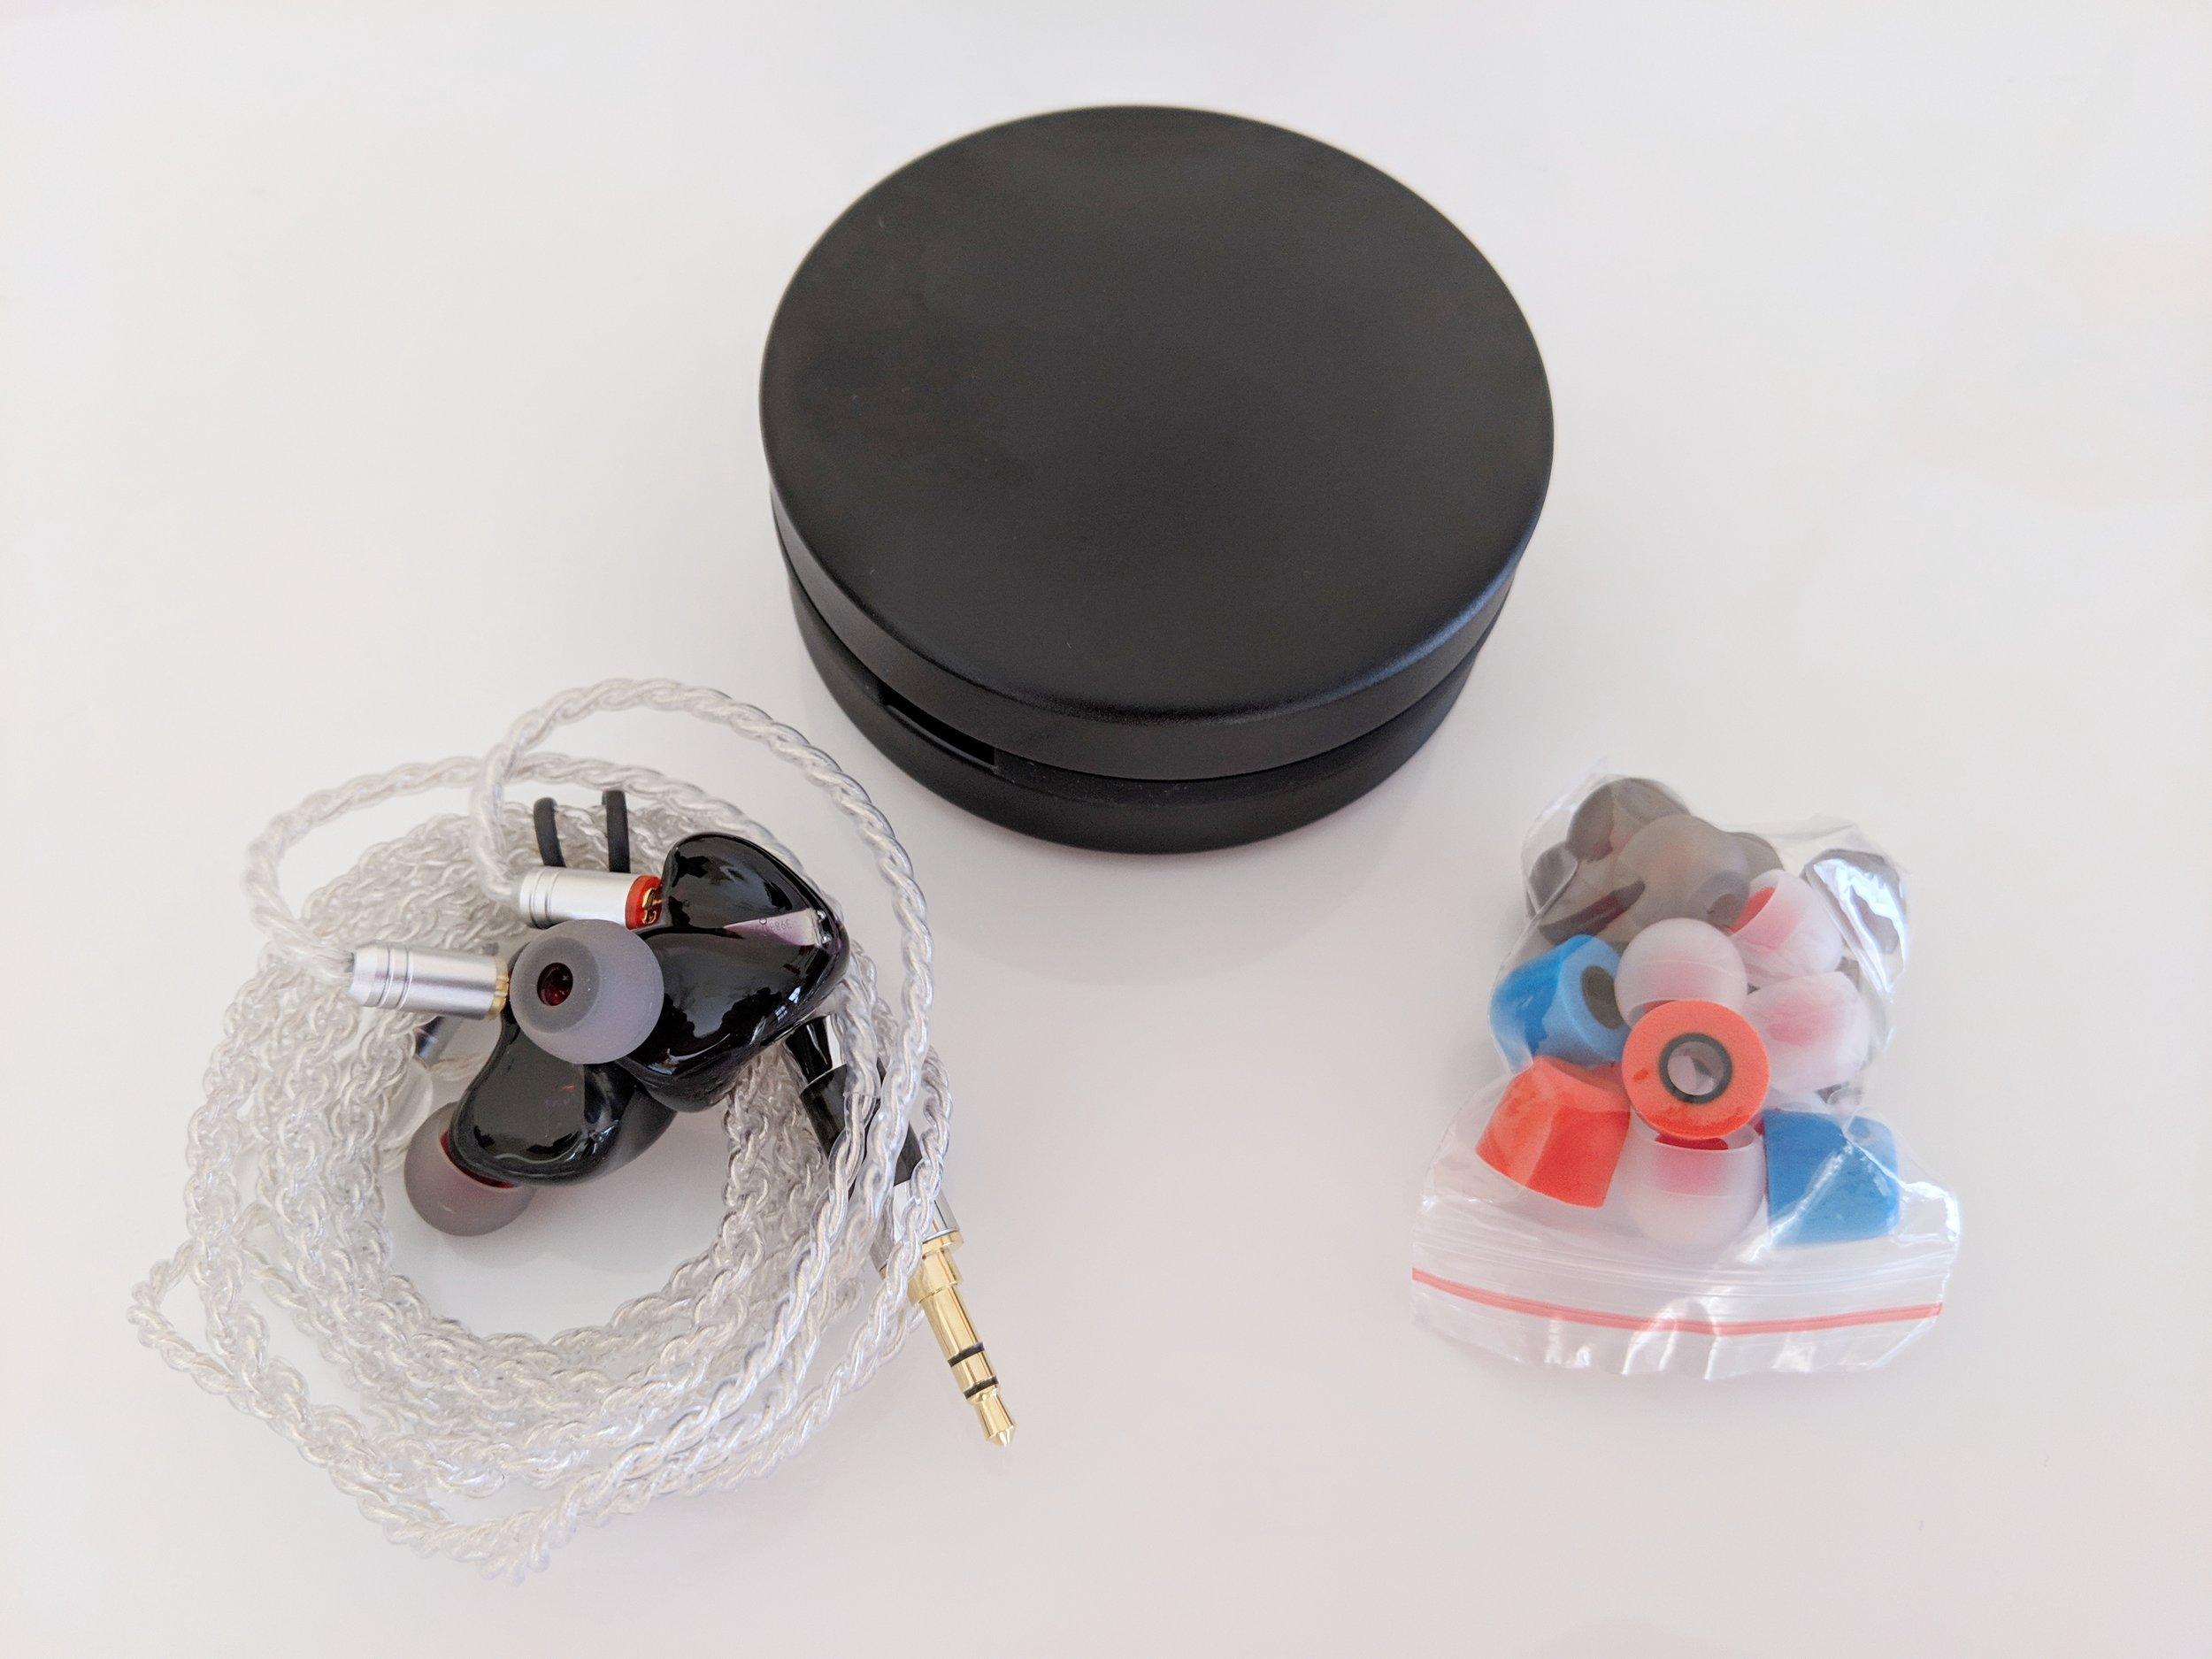 Toneking t4 earphones and the accessories.